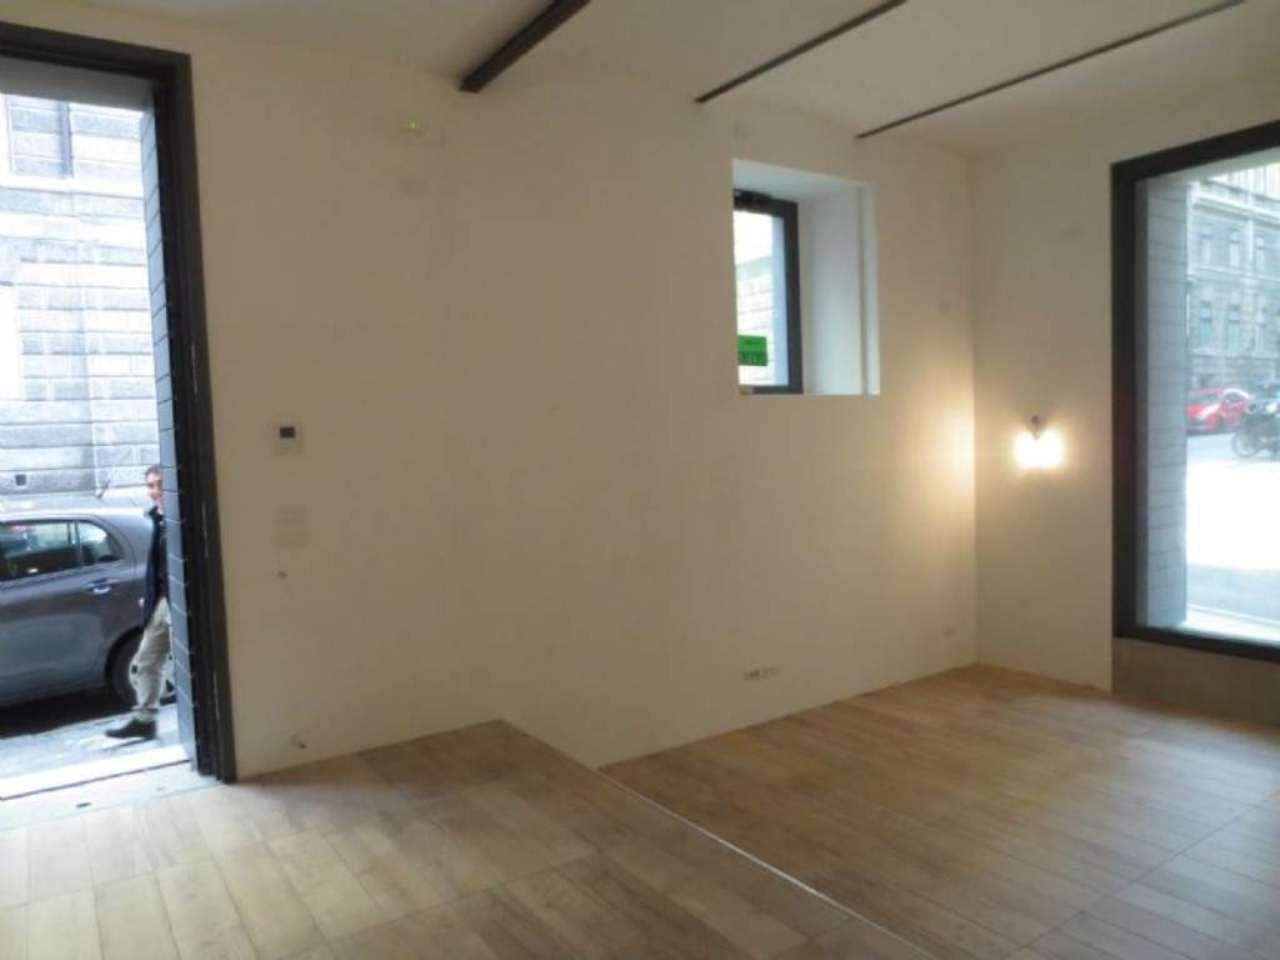 Negozio / Locale in vendita a Trieste, 2 locali, prezzo € 150.000 | Cambio Casa.it